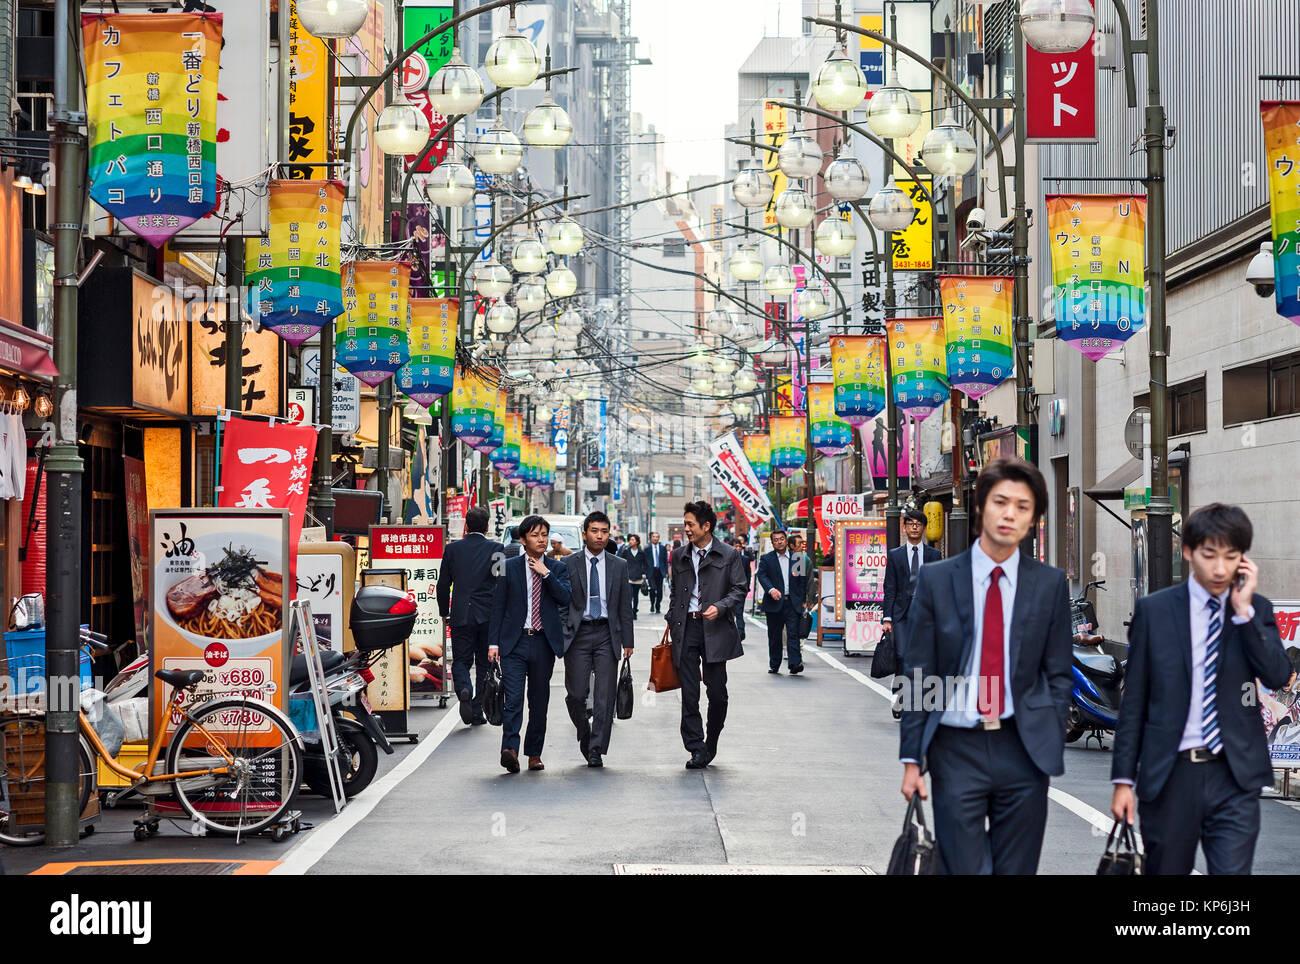 Salaryman Shinbashi Imagen De Stock